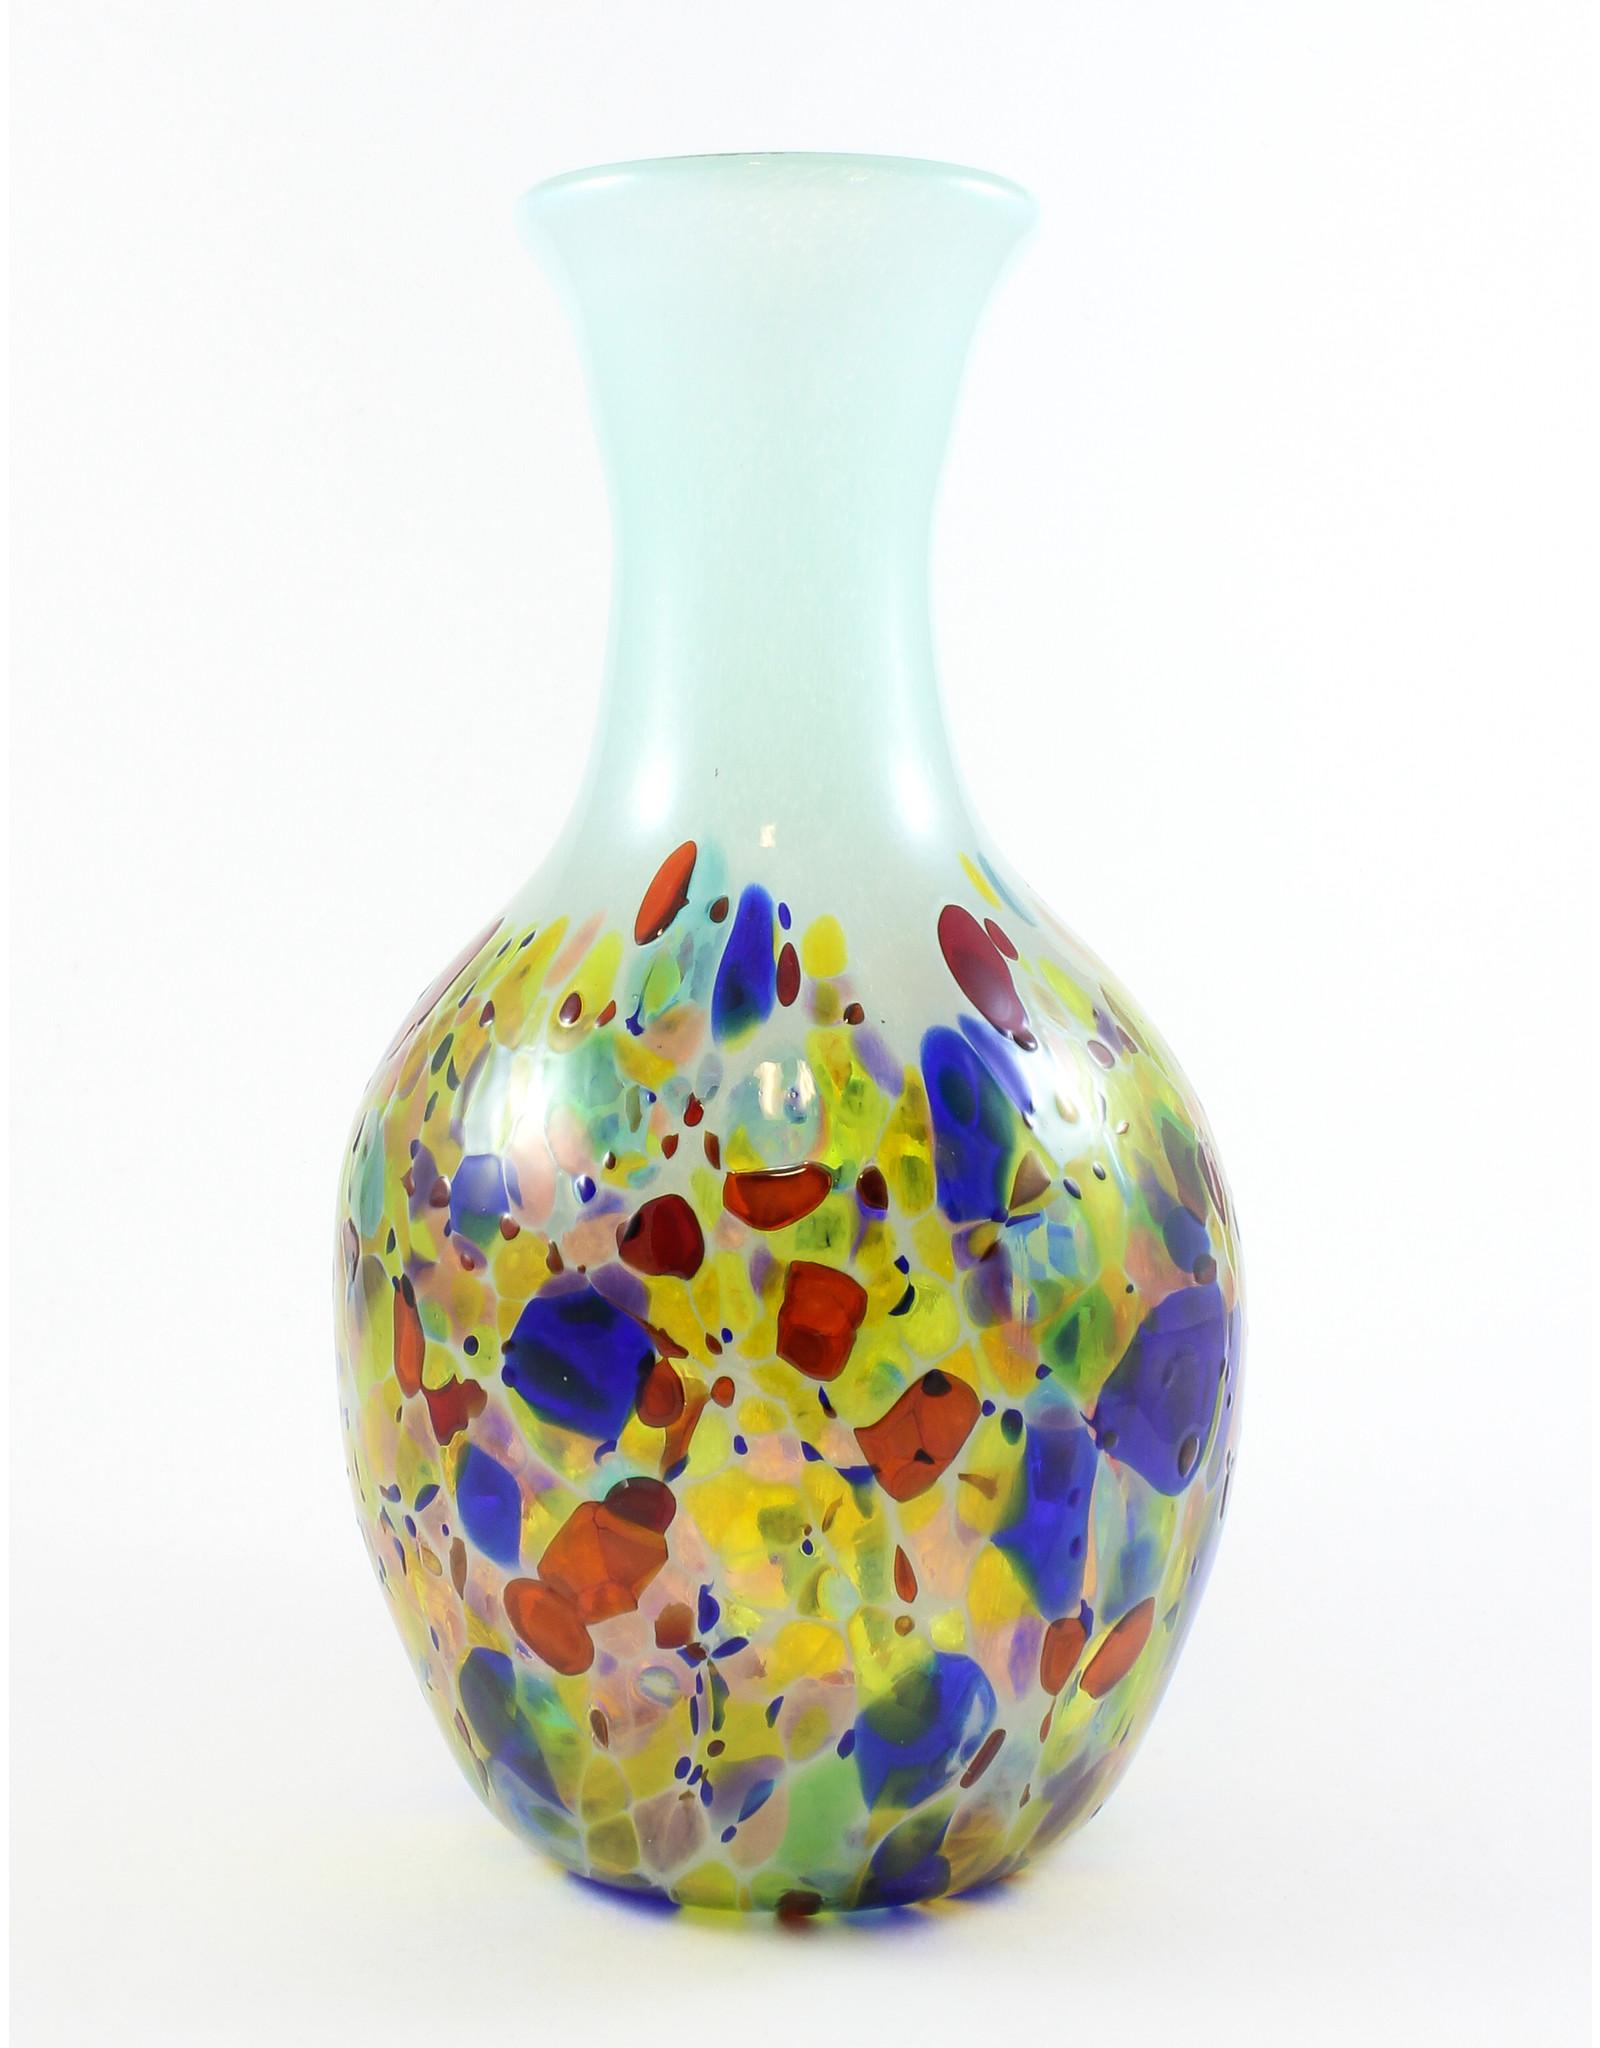 Glass Artisans Multicoloured Blown Glass Vase by Glass Artisans